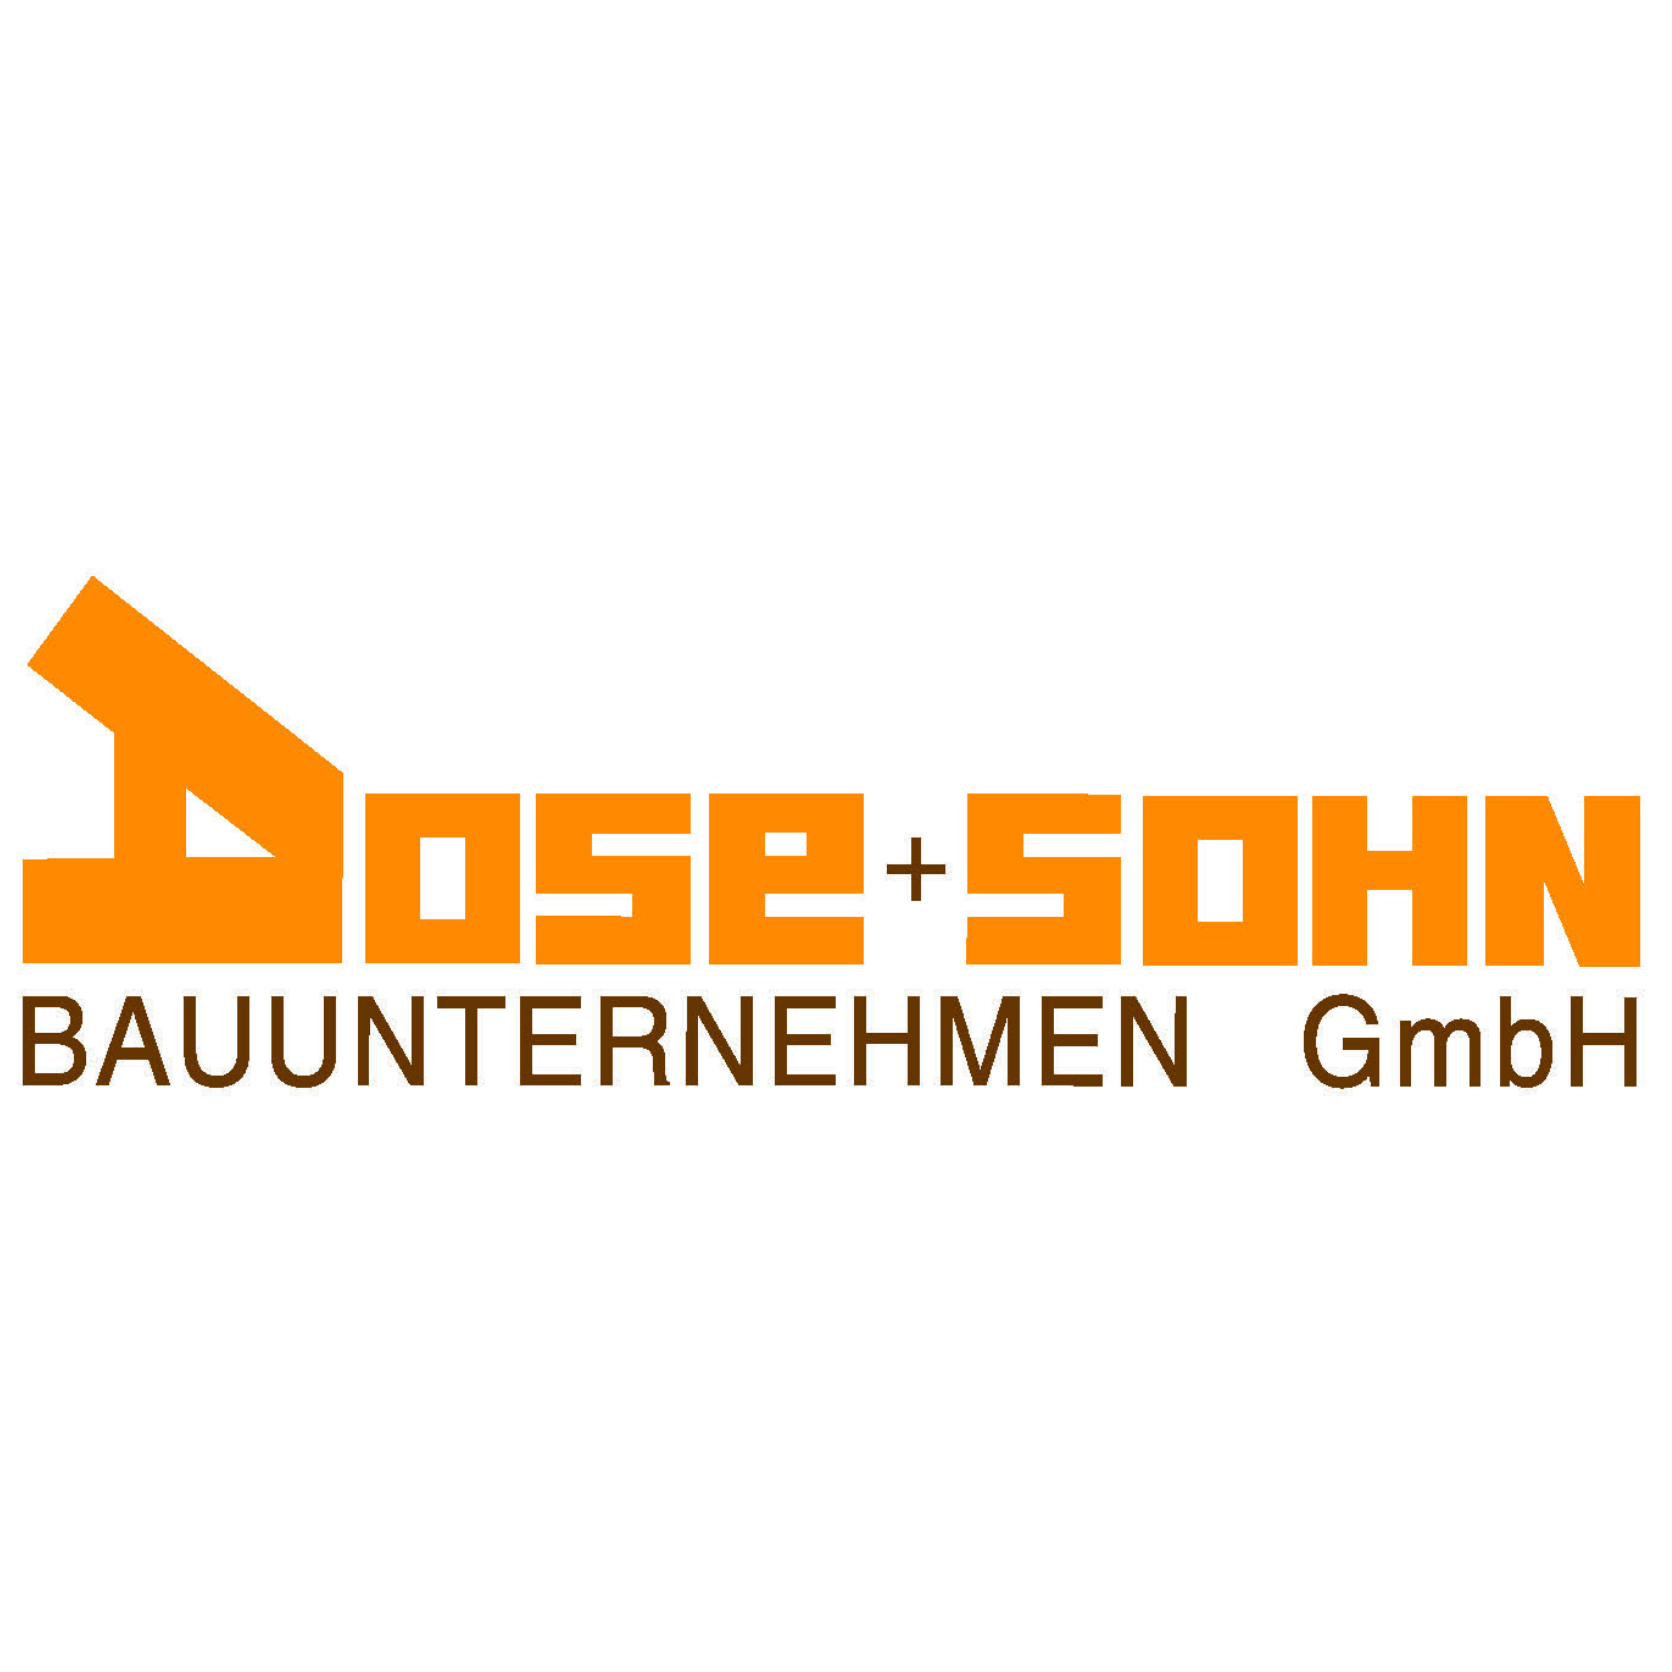 Bild zu Dose + Sohn Bauunternehmen GmbH in Bad Malente Gremsmühlen Gemeinde Malente